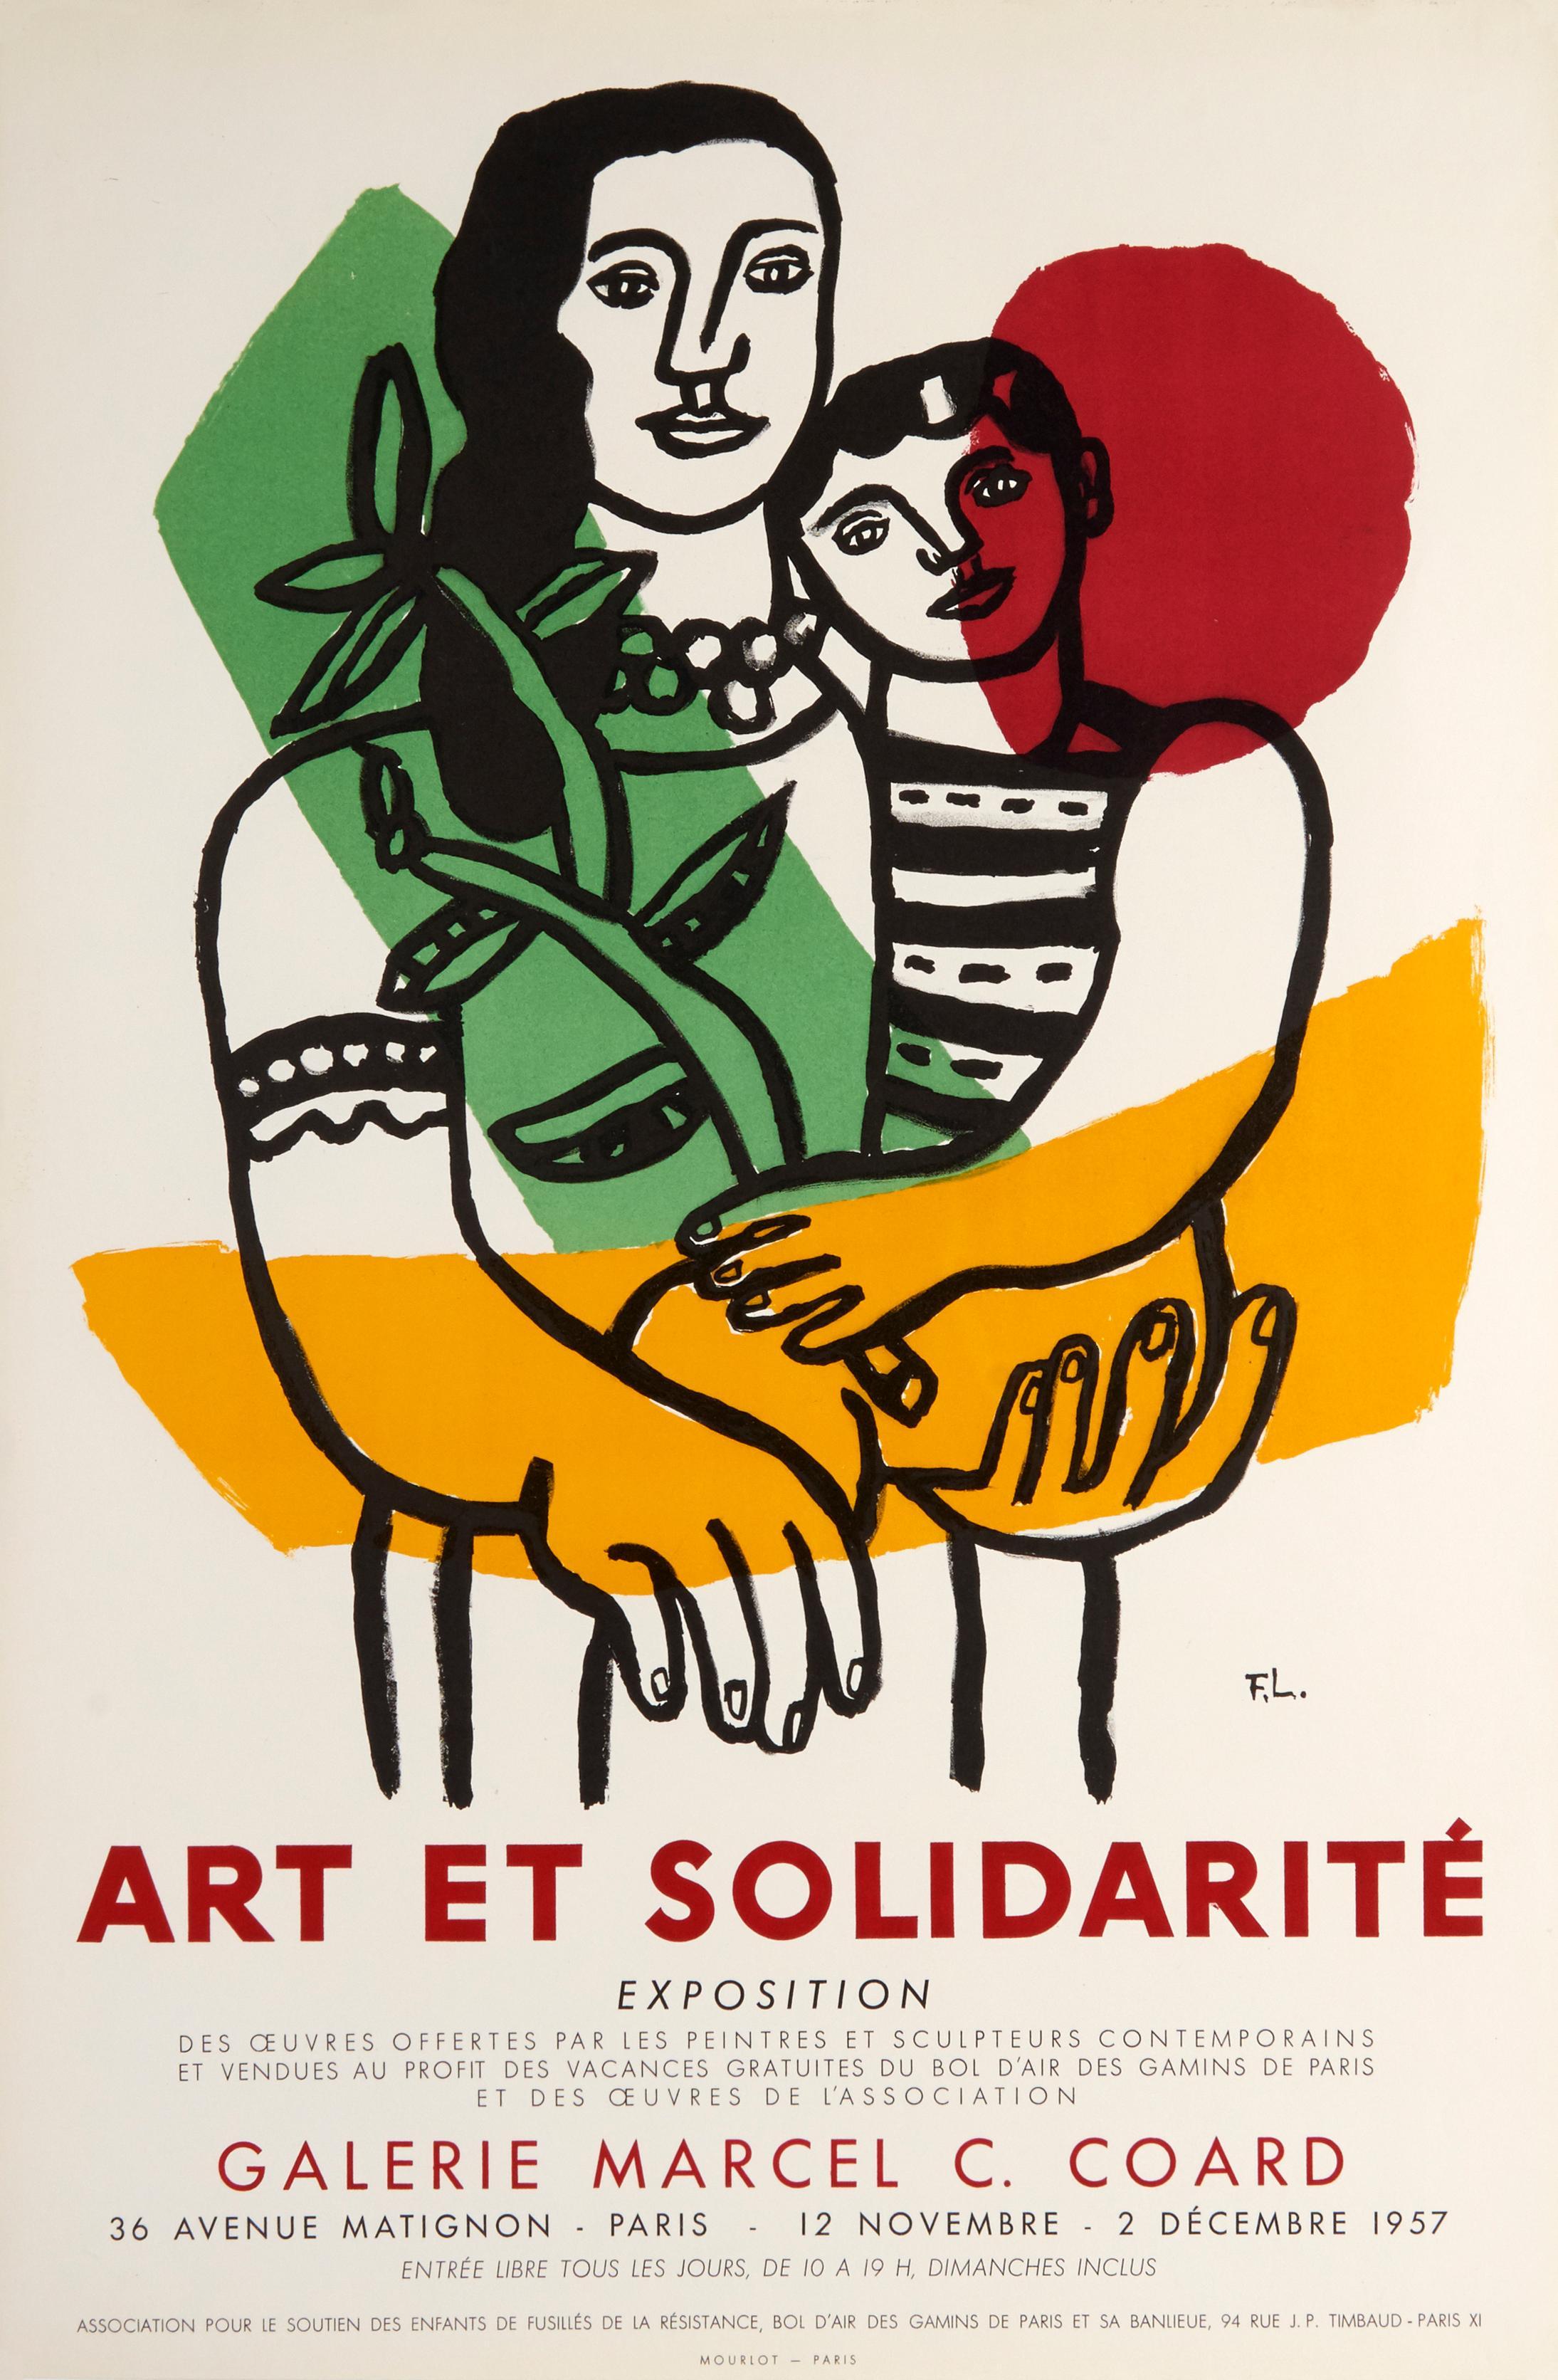 Art et Solidarité (art and solidarity) by Fernand Leger